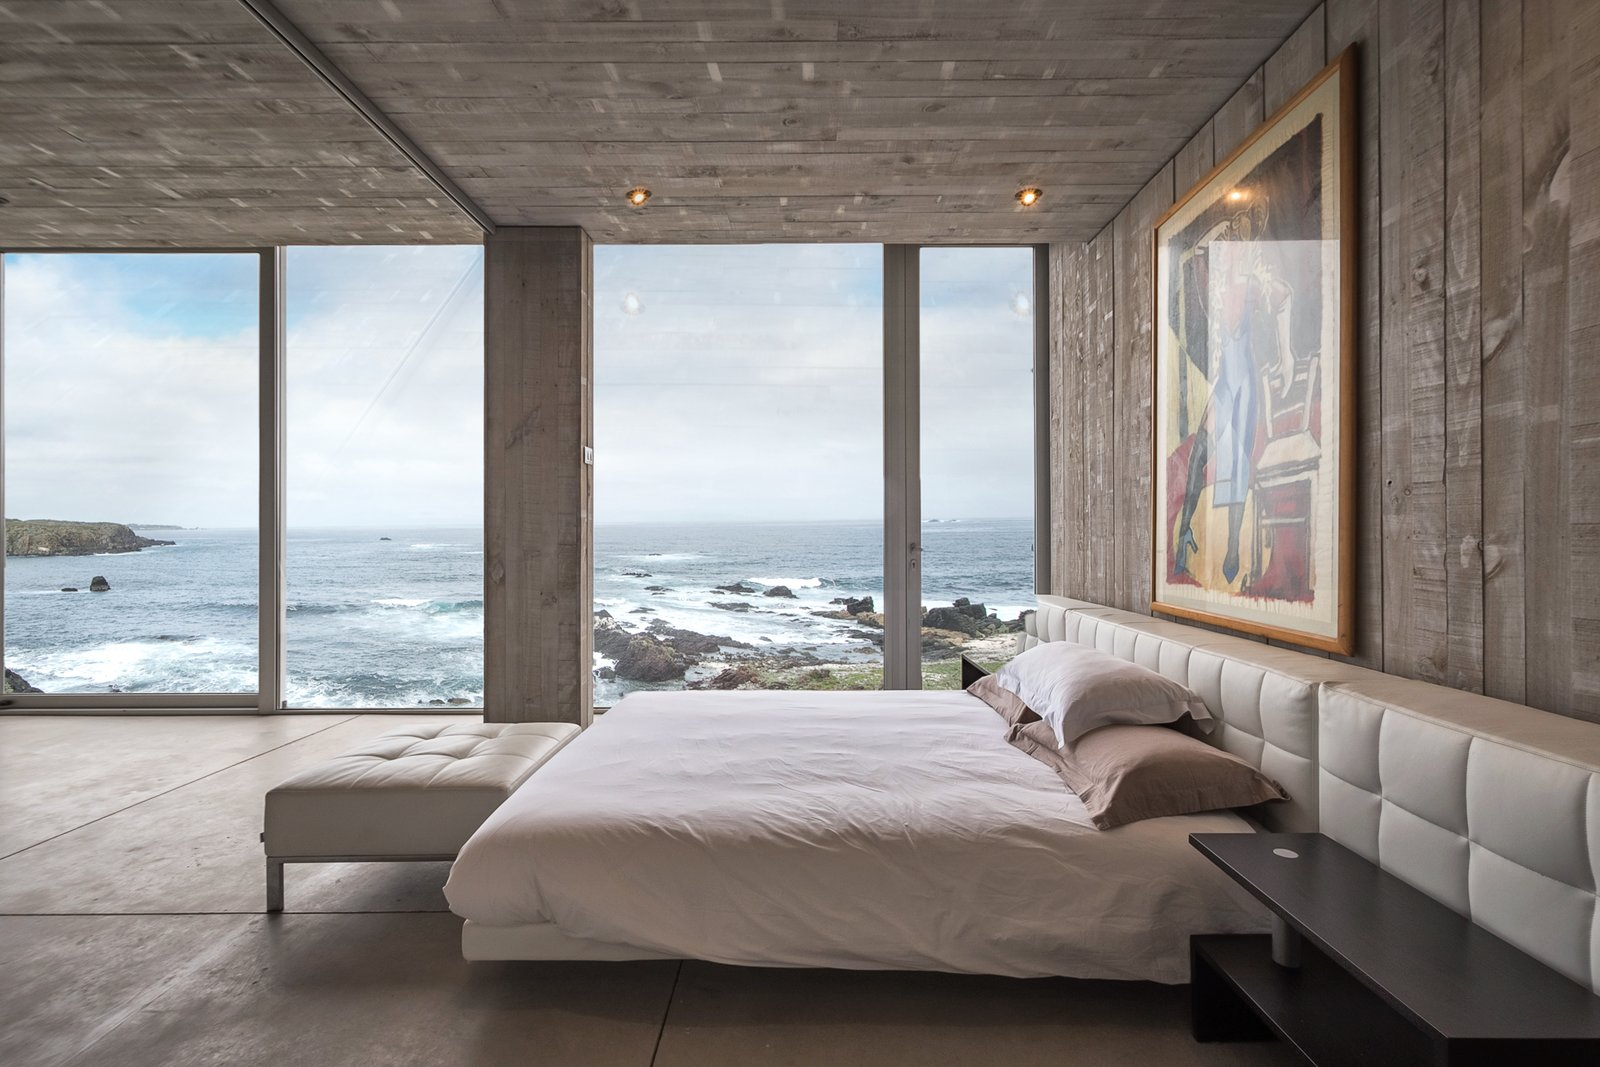 Casa OchoQuebradas master bedroom